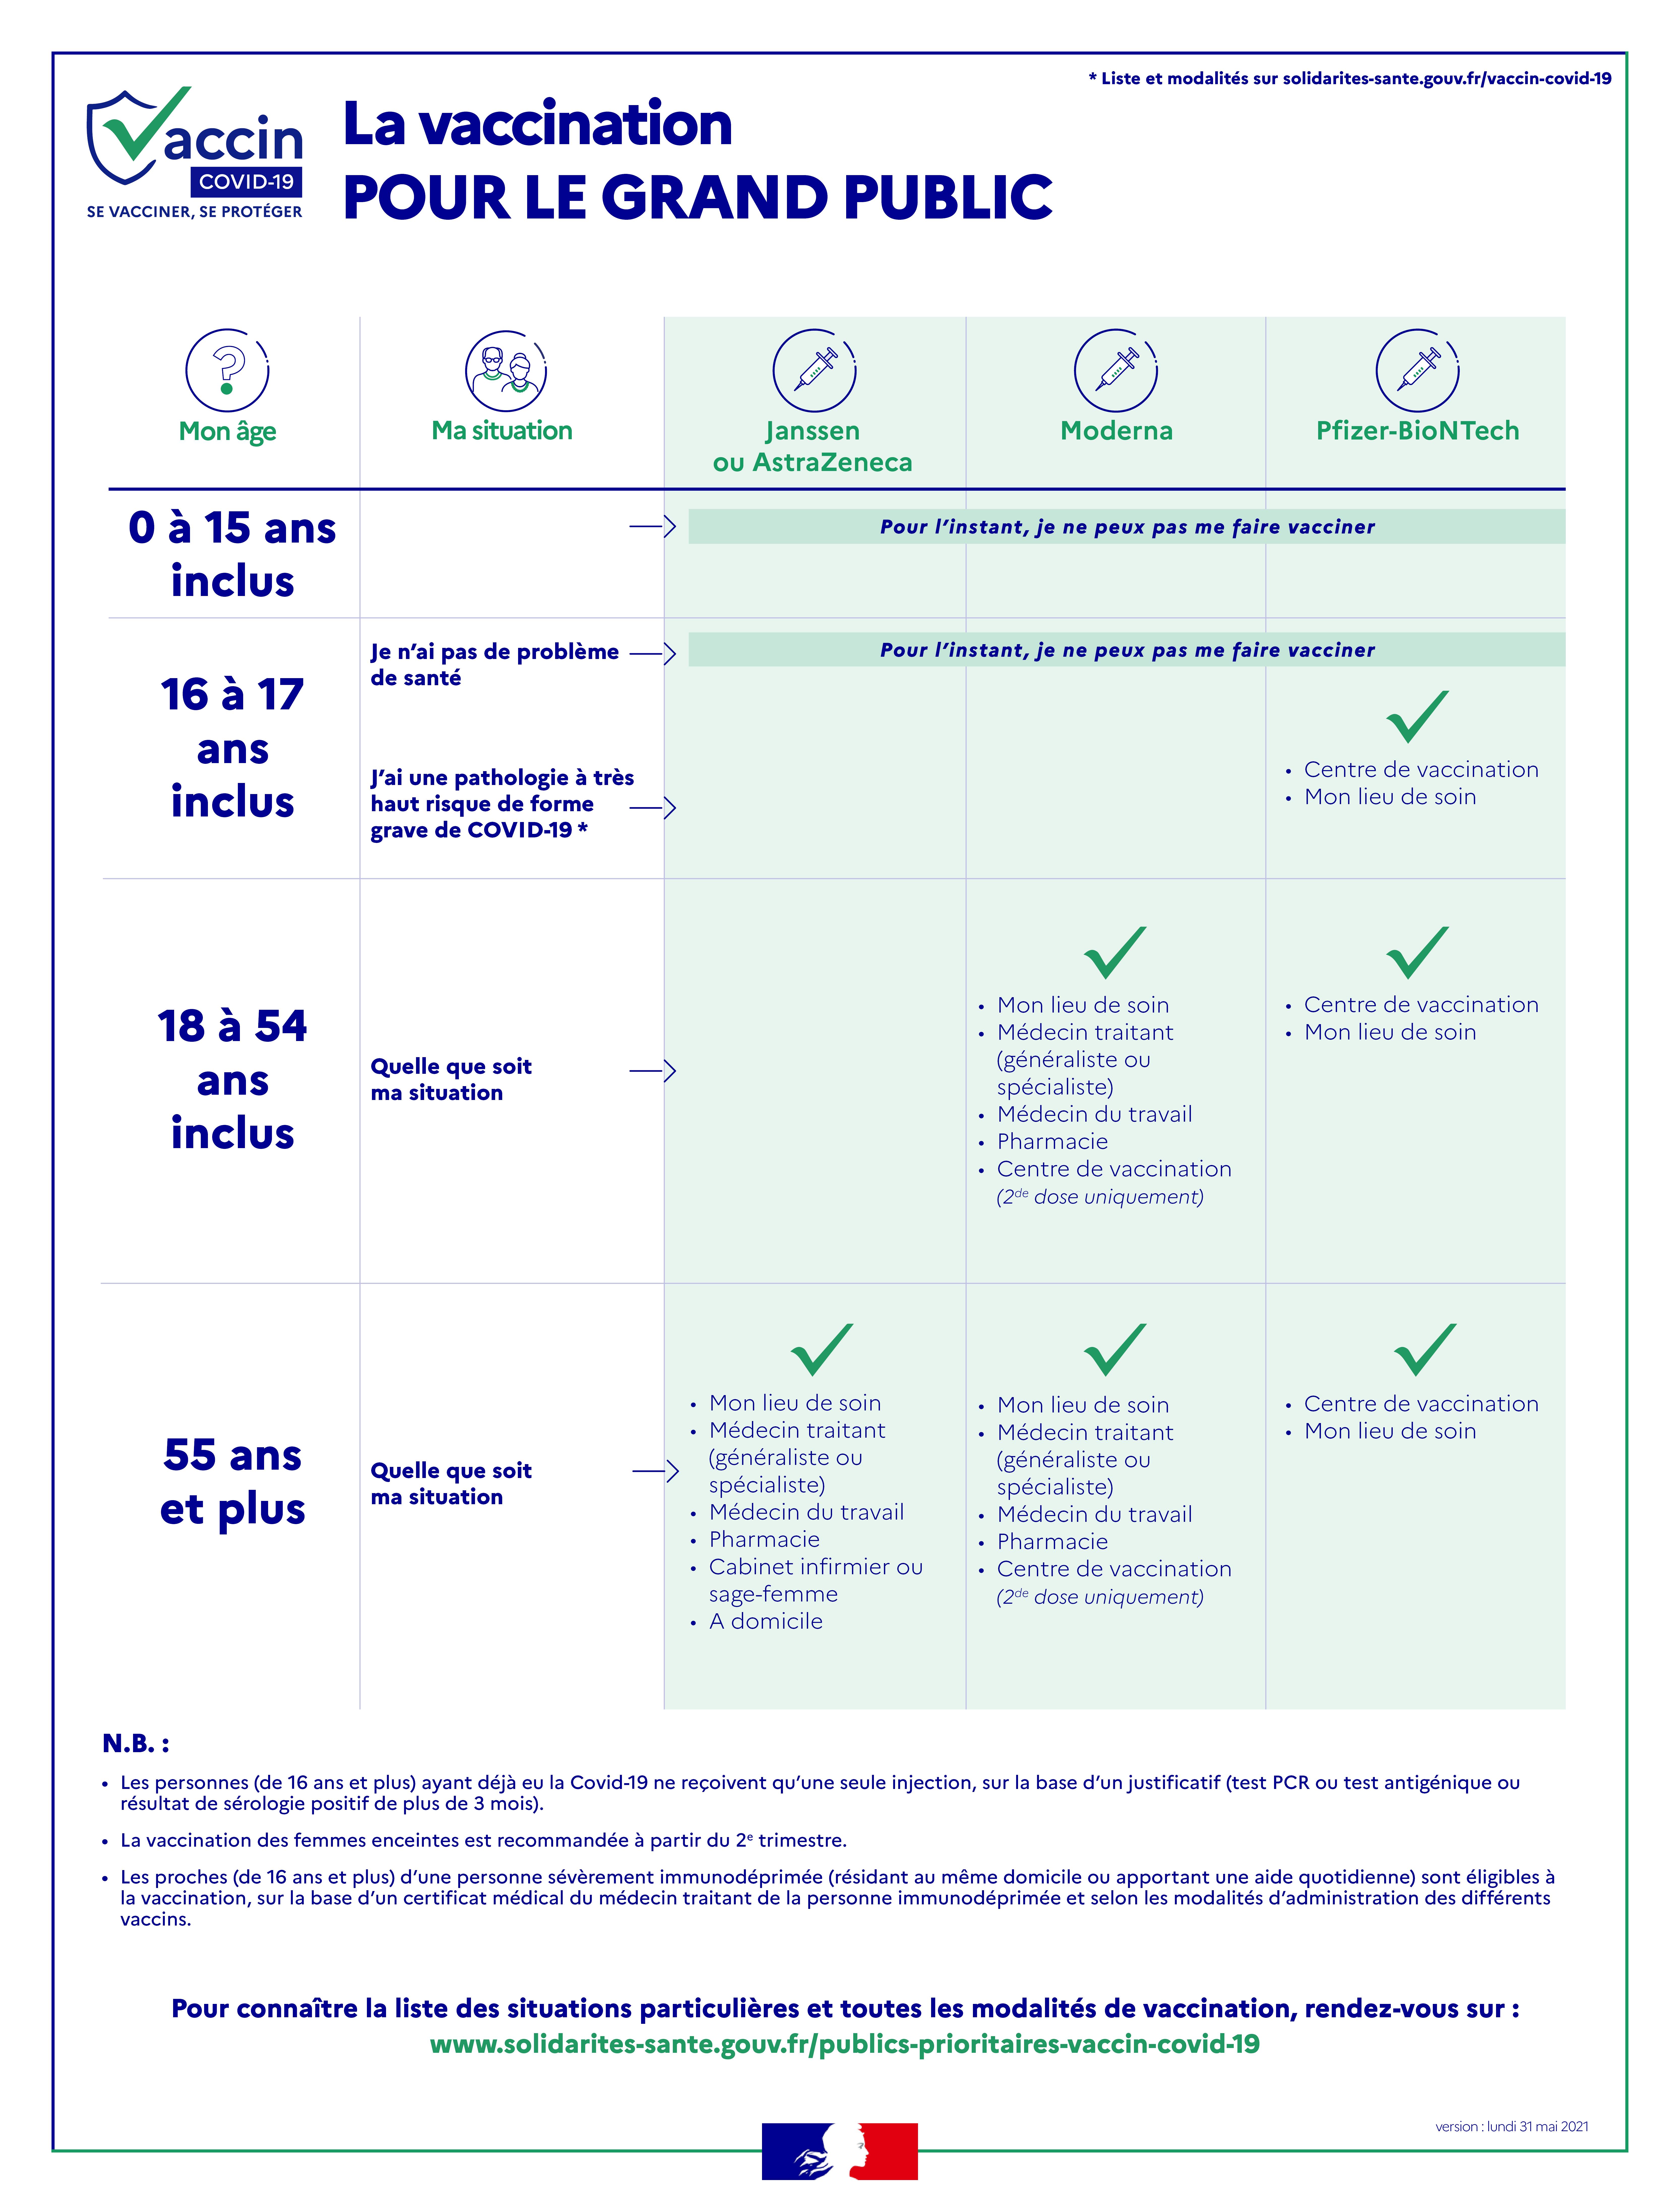 Infog publics x vaccins 31 05 2021.png